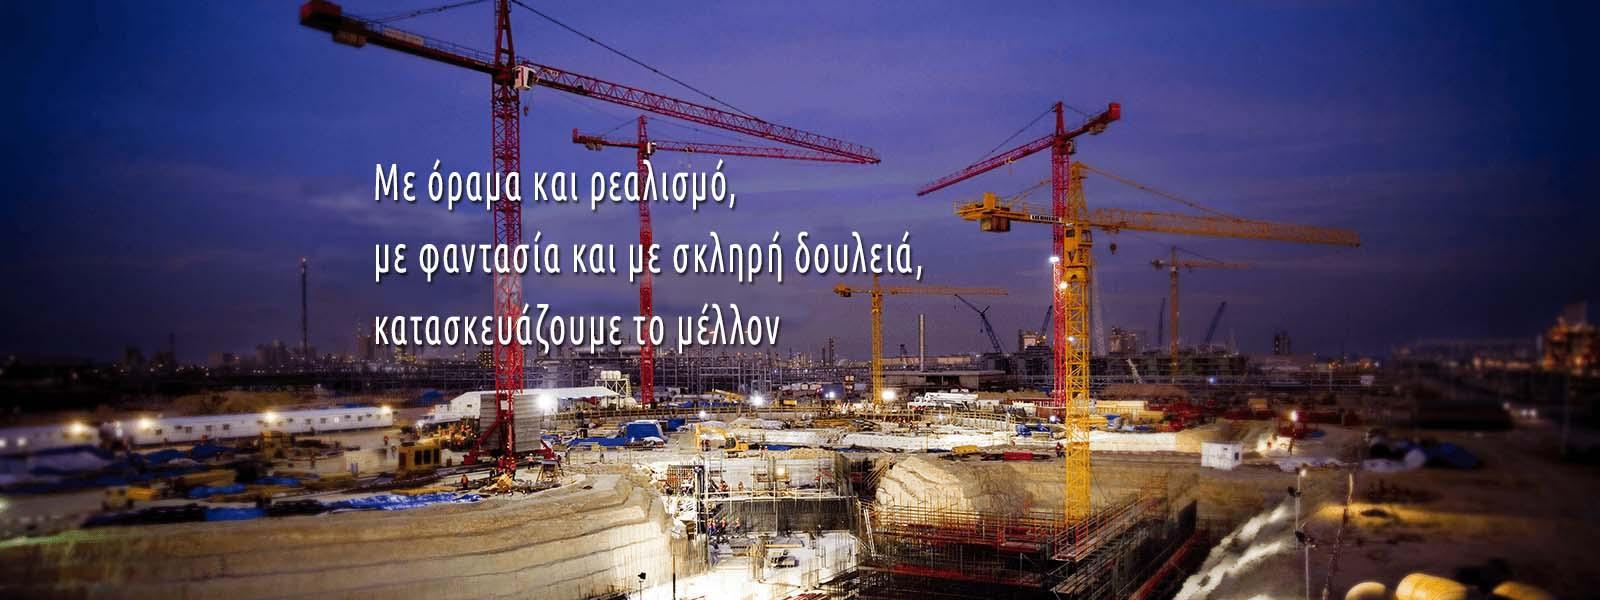 Με όραμα και ρεαλισμό, με φαντασία και με σκληρή δουλειά, κατασκευάζουμε  το μέλλον